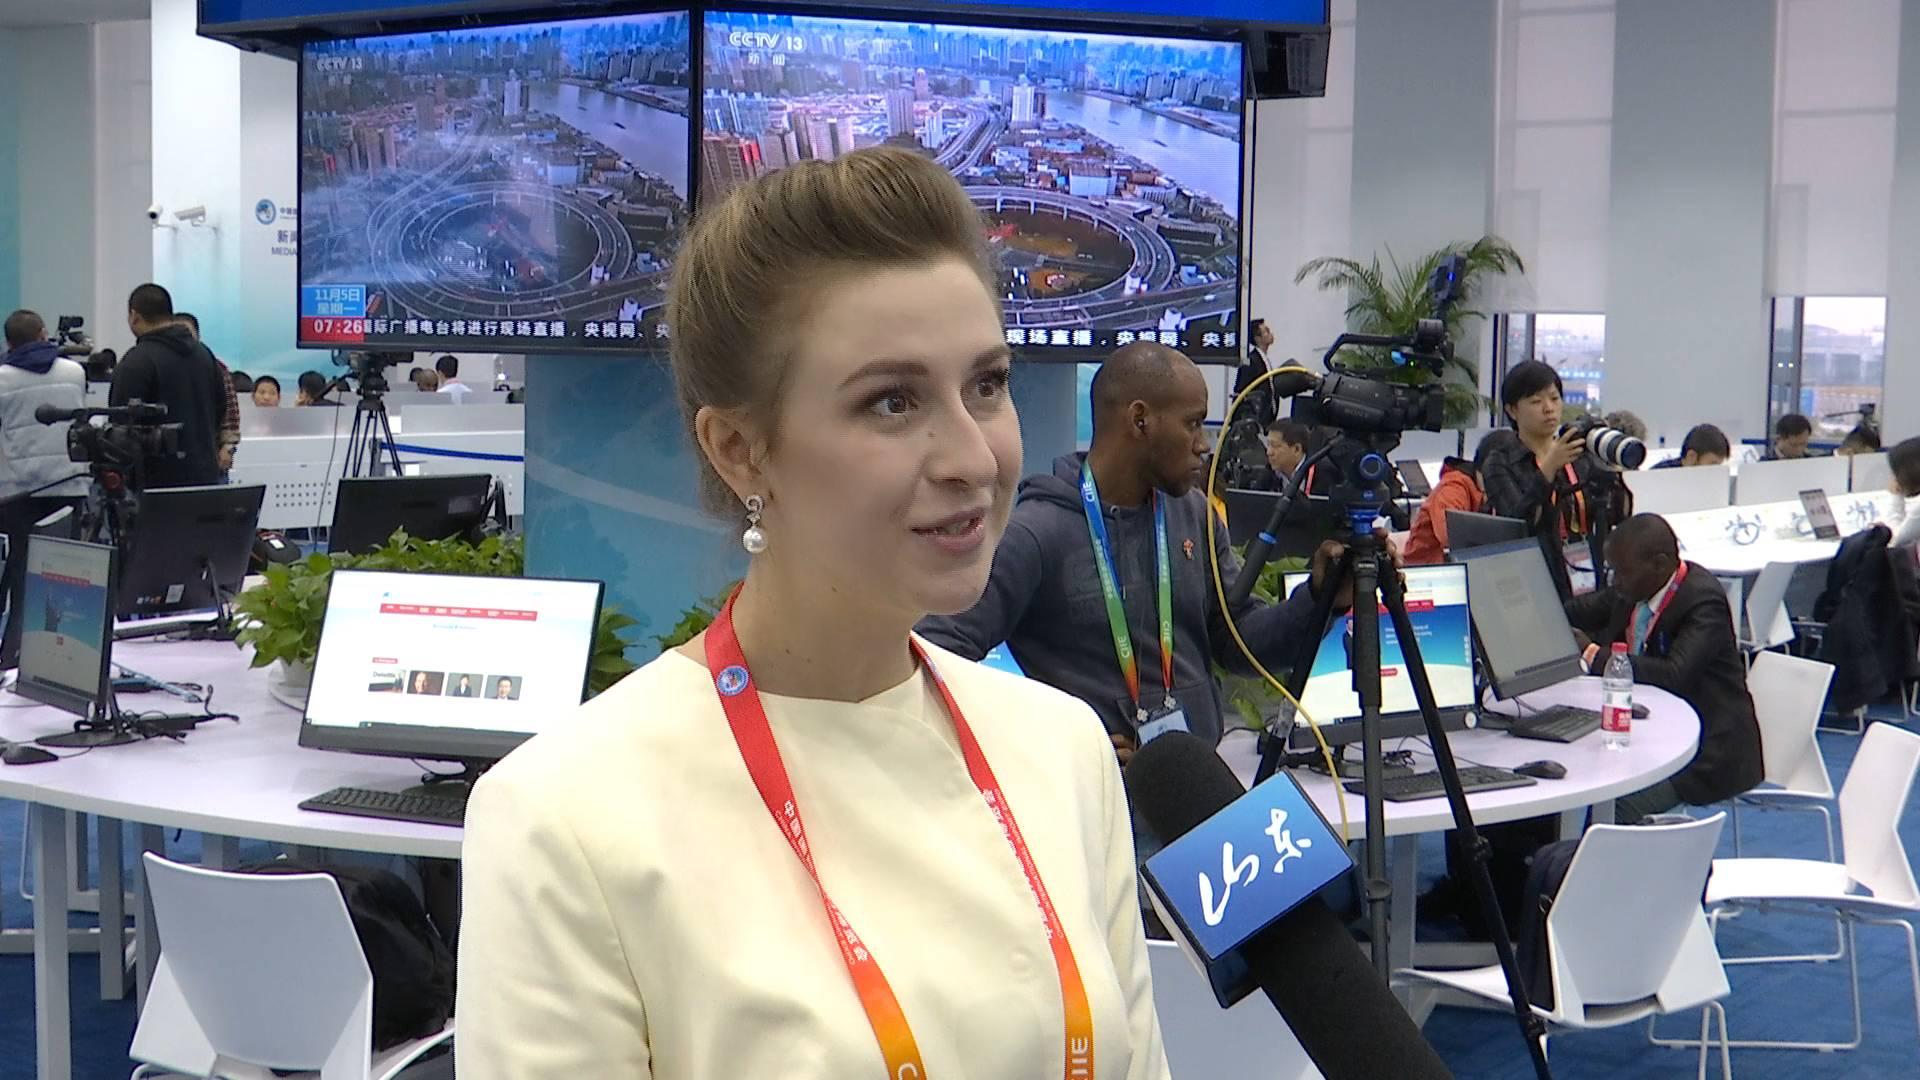 52秒|凌晨两点,乌克兰籍中阿卫视美女记者行动了,只为这件事!